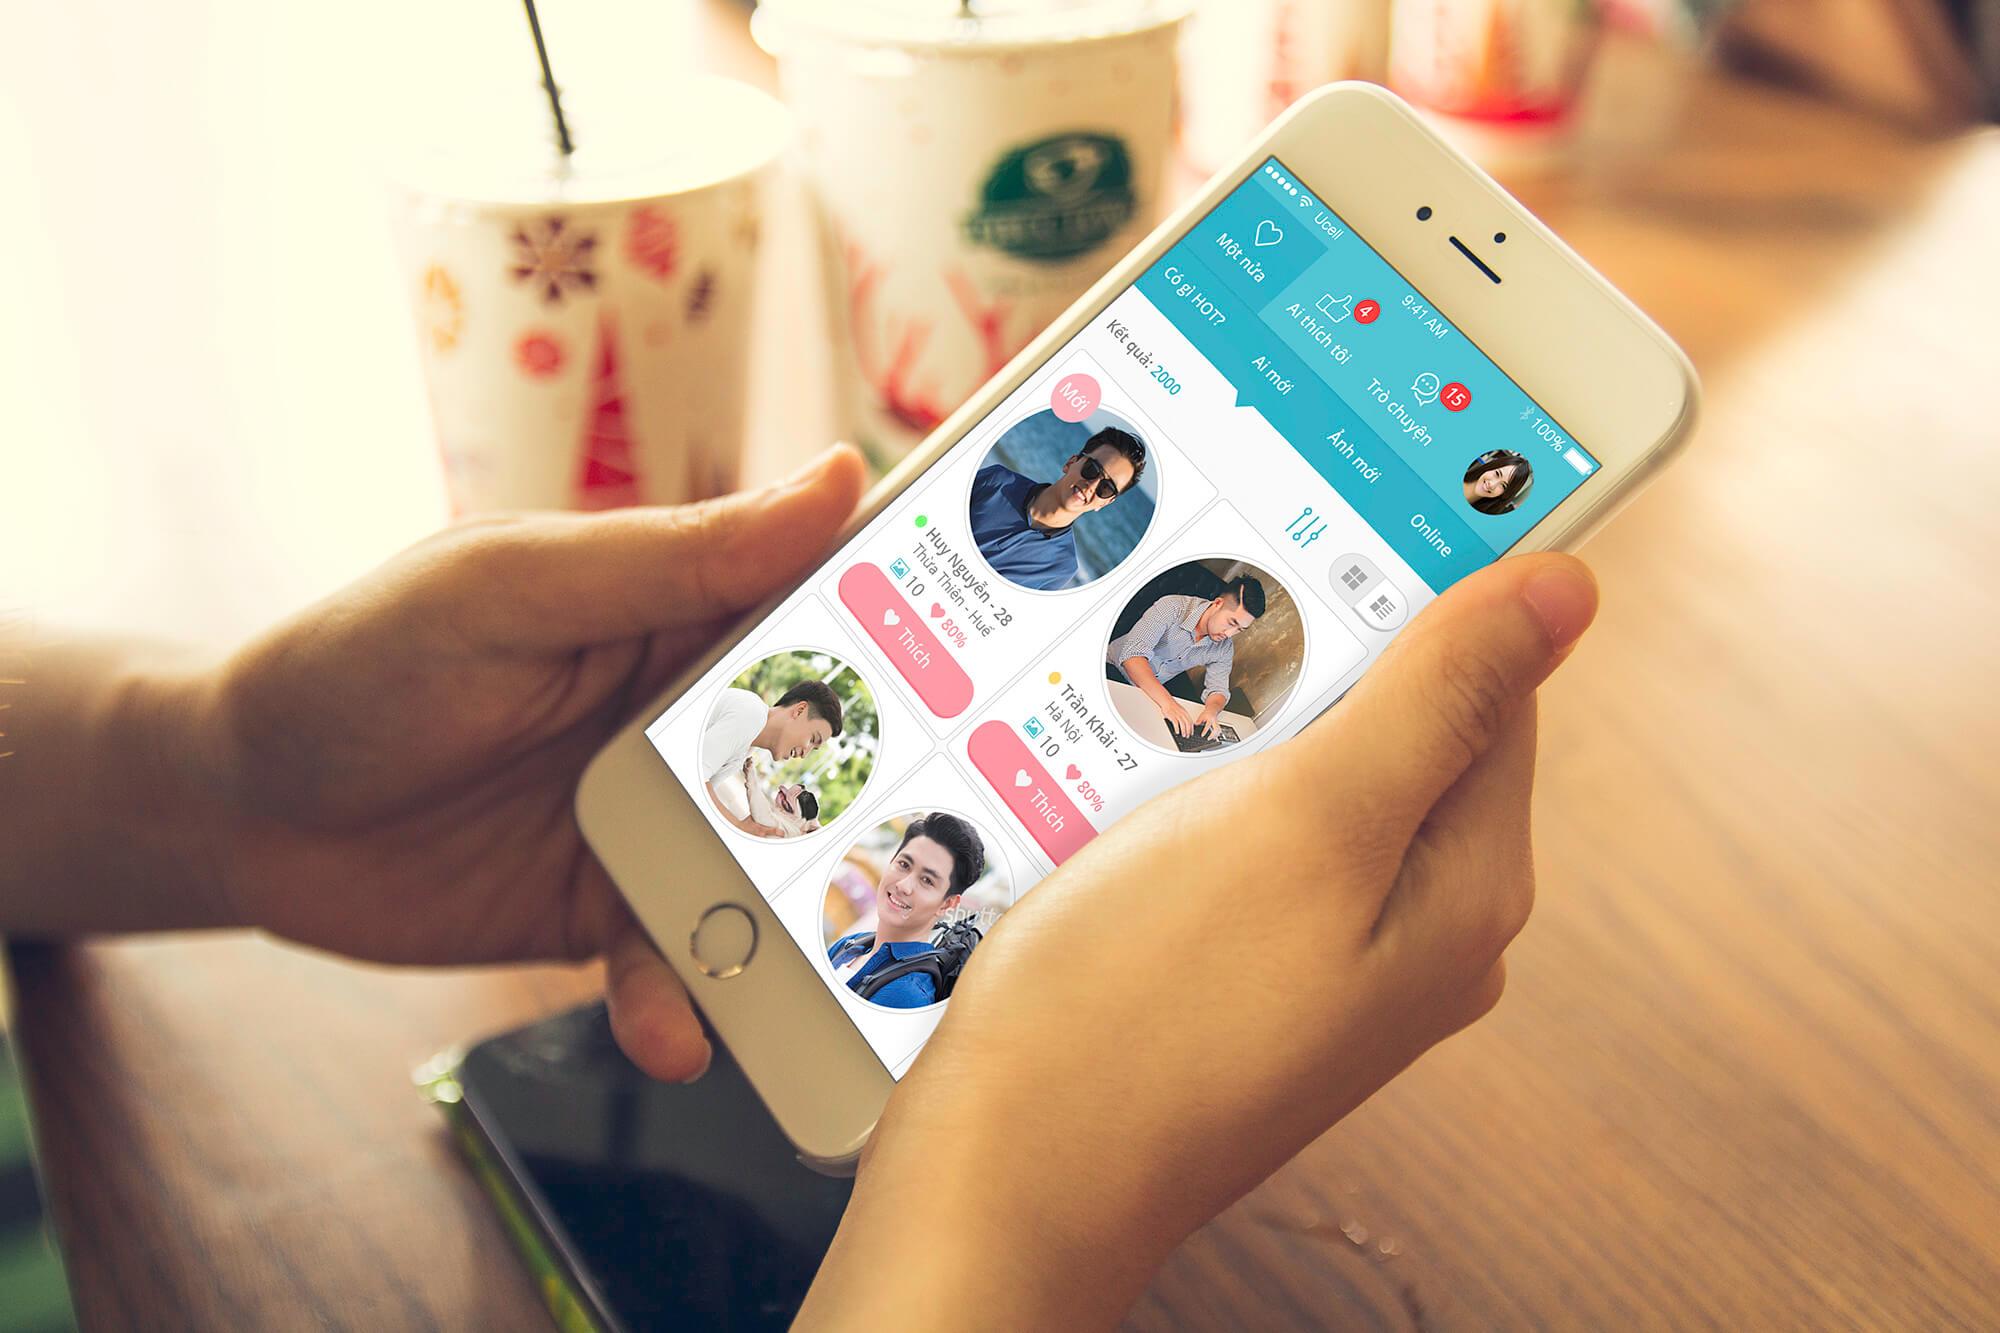 hẹn hò online nghiêm túc